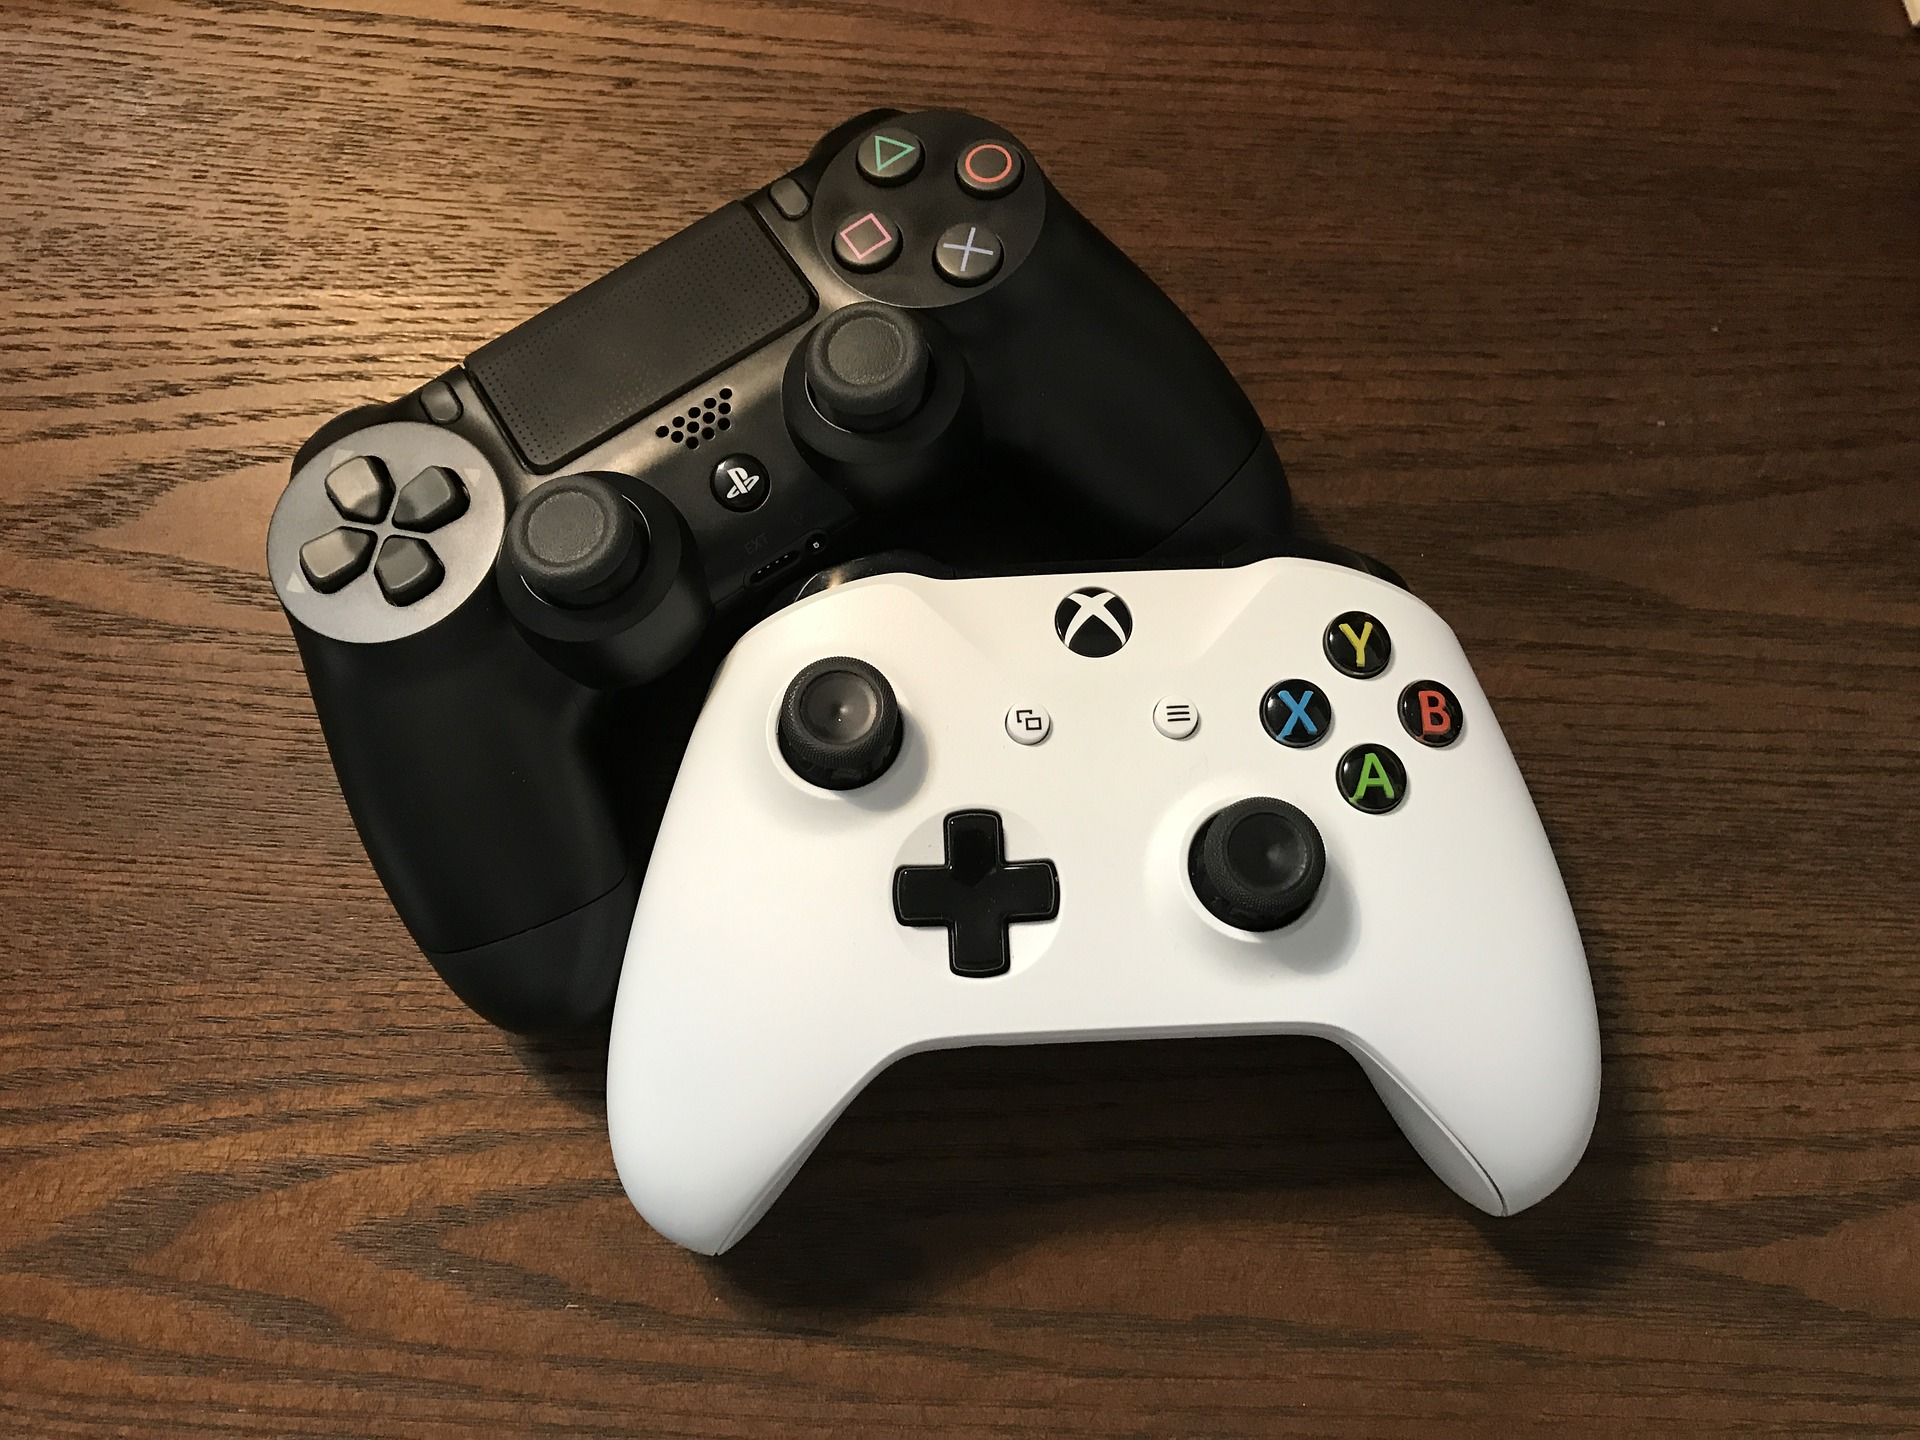 Playstation Gaming Controller - Große Auswahl für dich